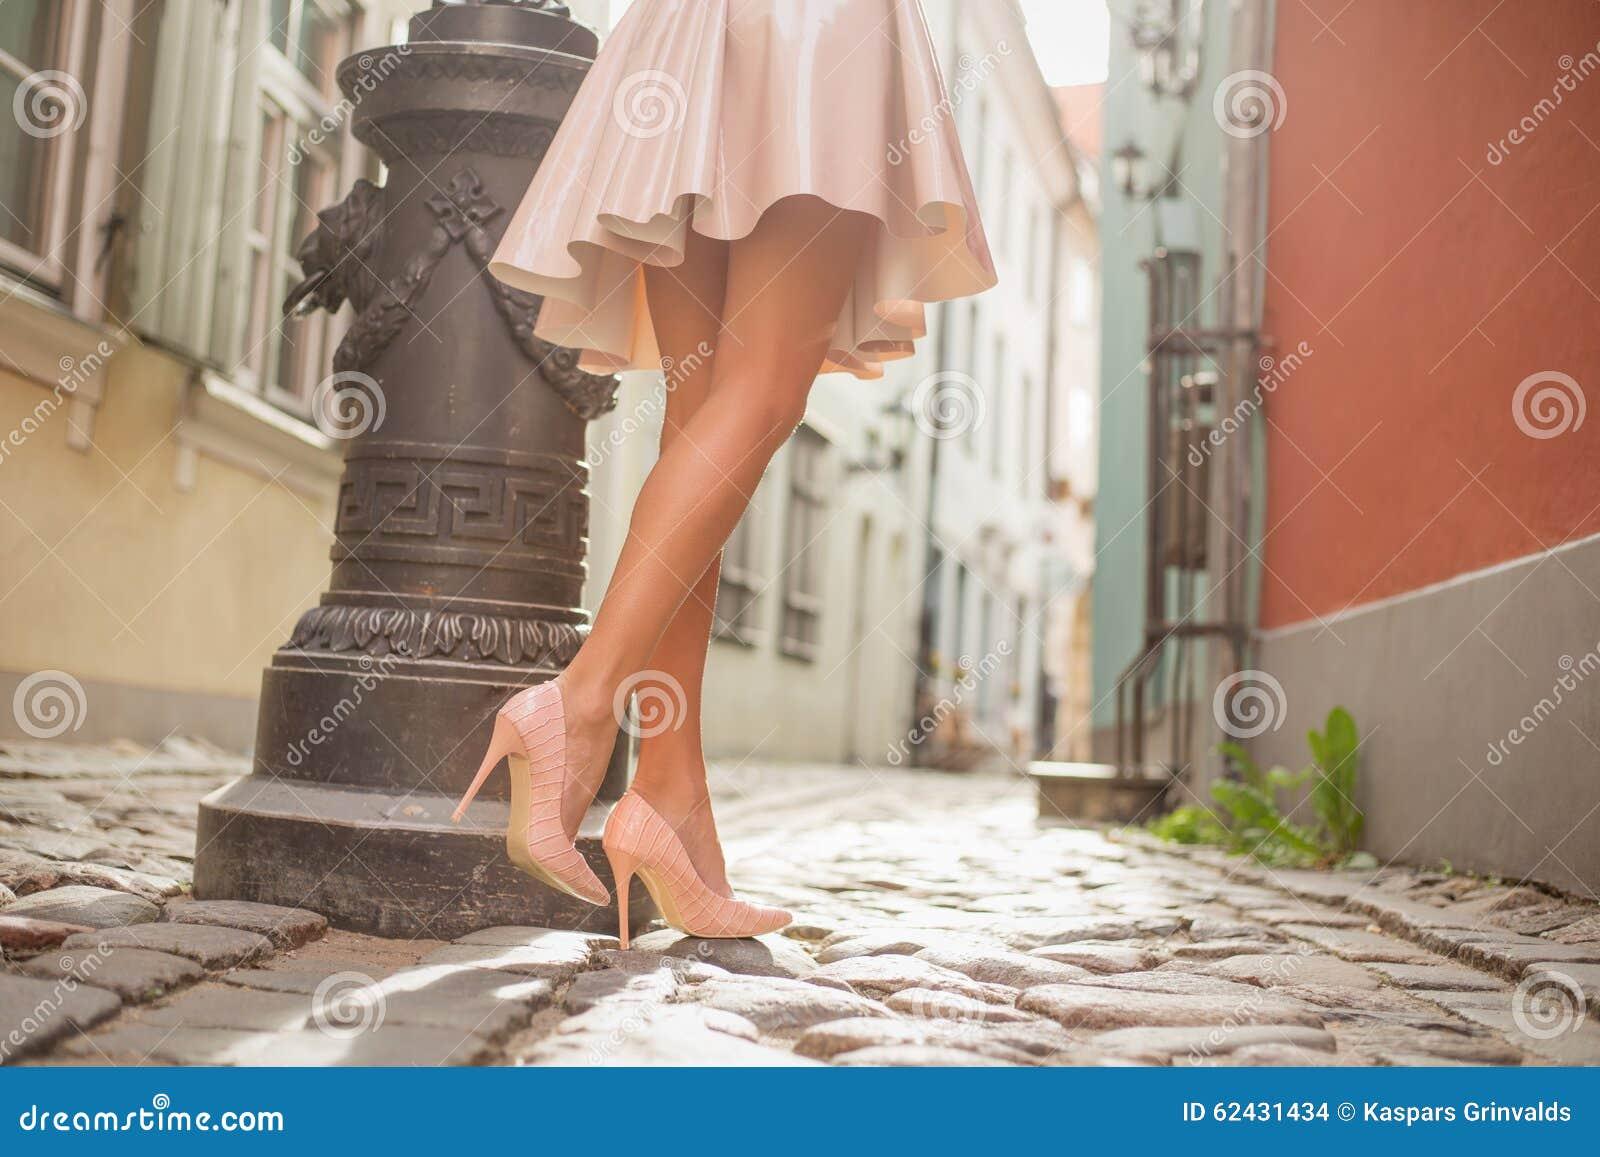 Sexy Dame mit den schönen Beinen gehend in alte Stadt